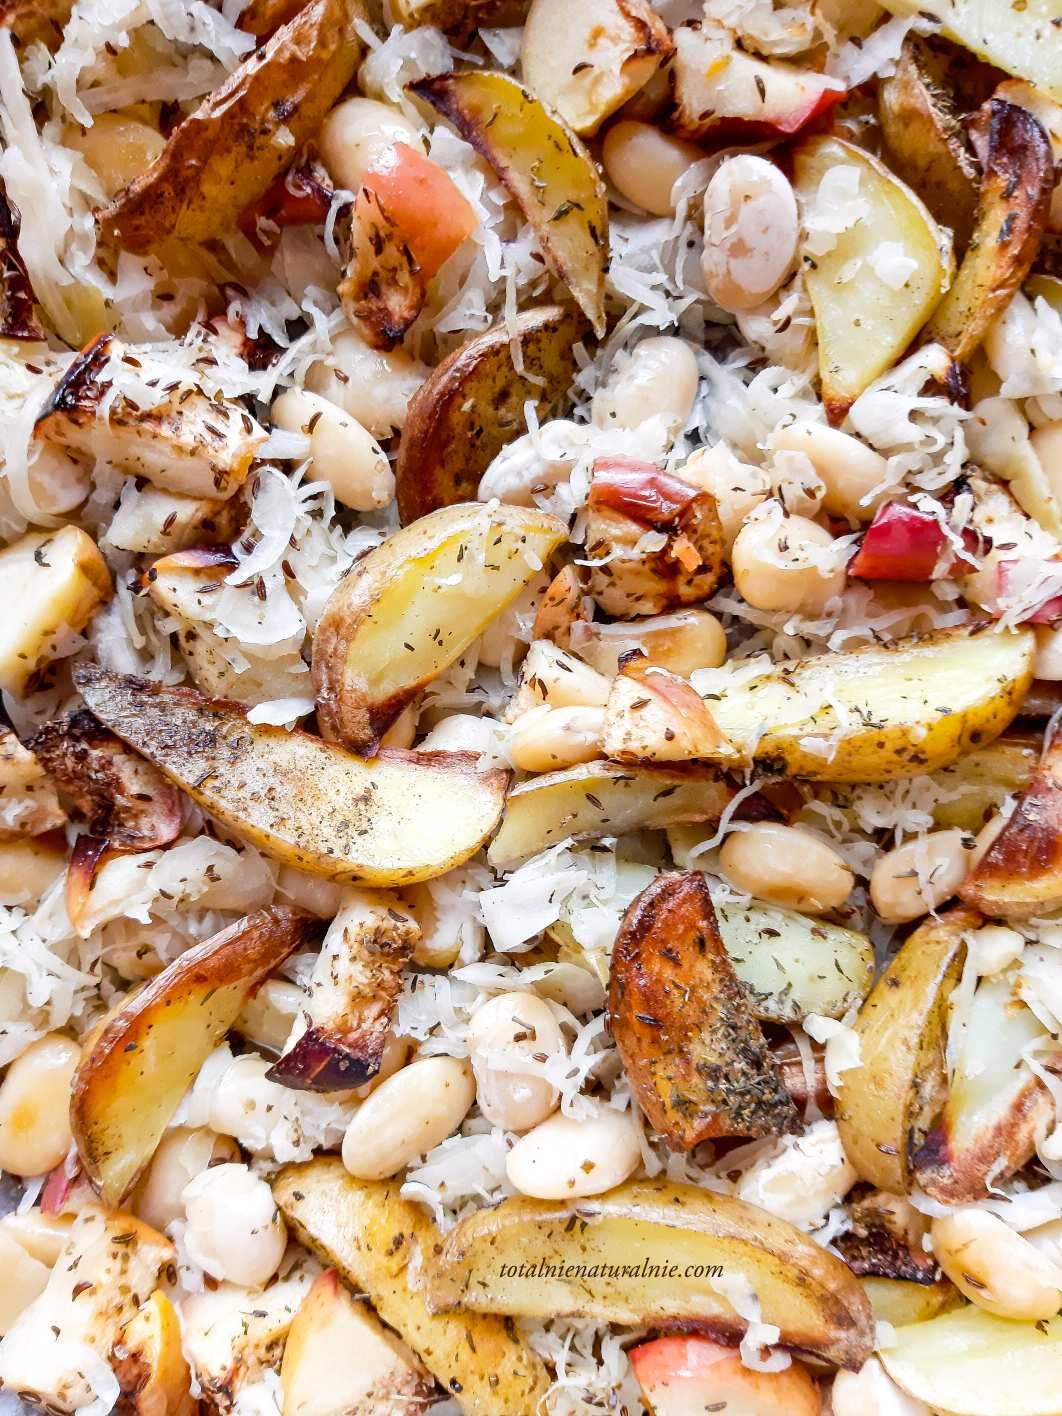 biała fasola pieczona z kapustą kiszoną i ziemniakami